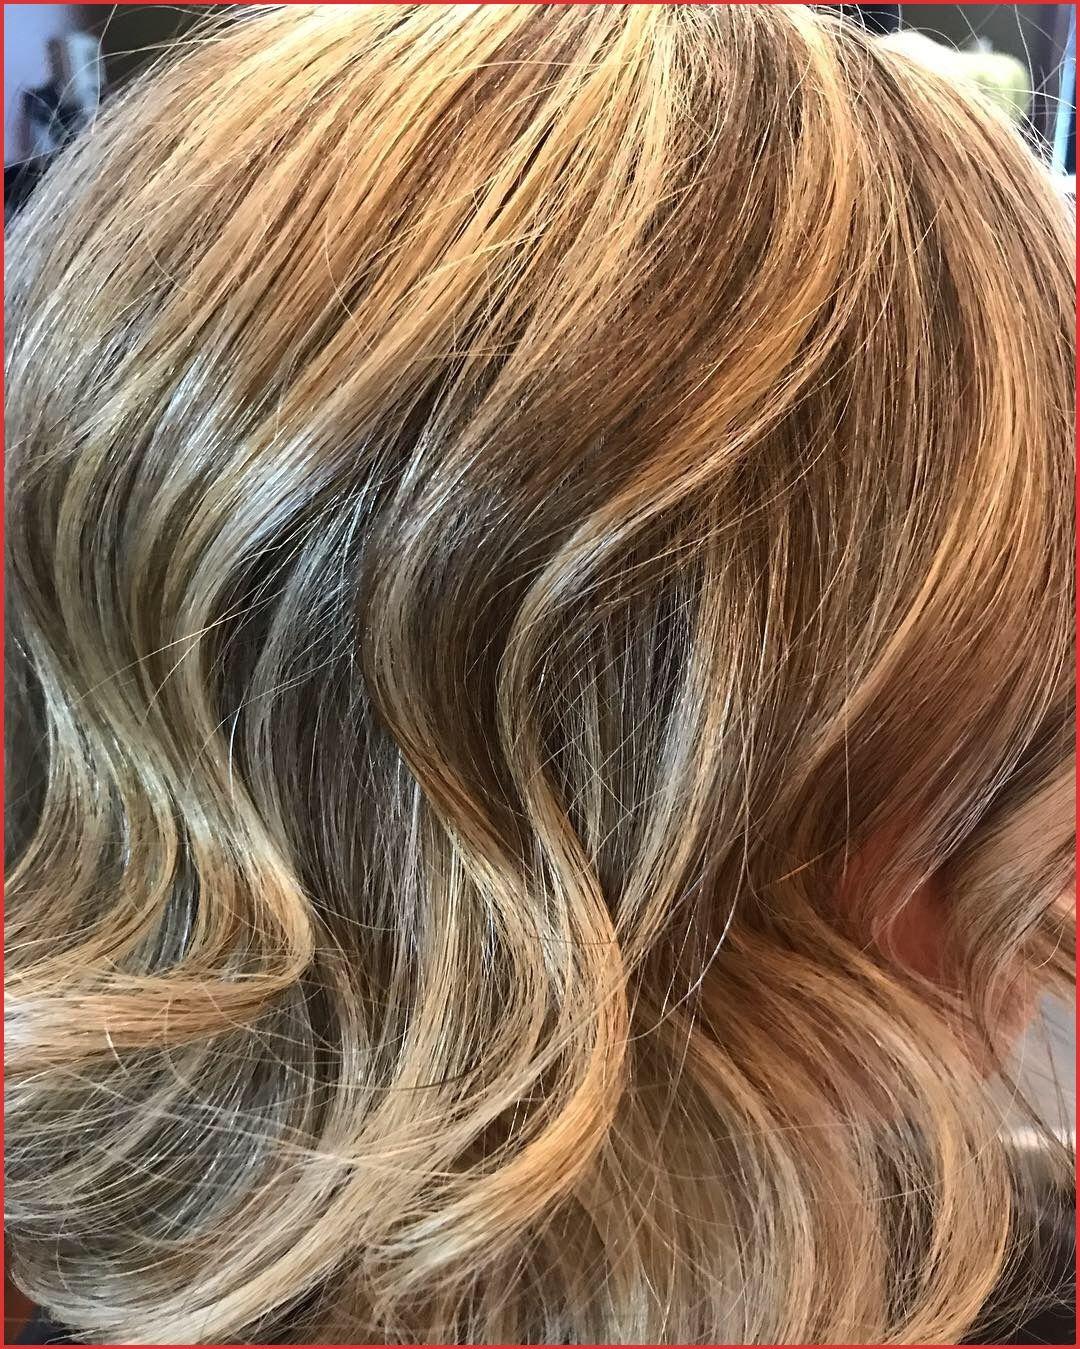 Pin on hairstylesideasy